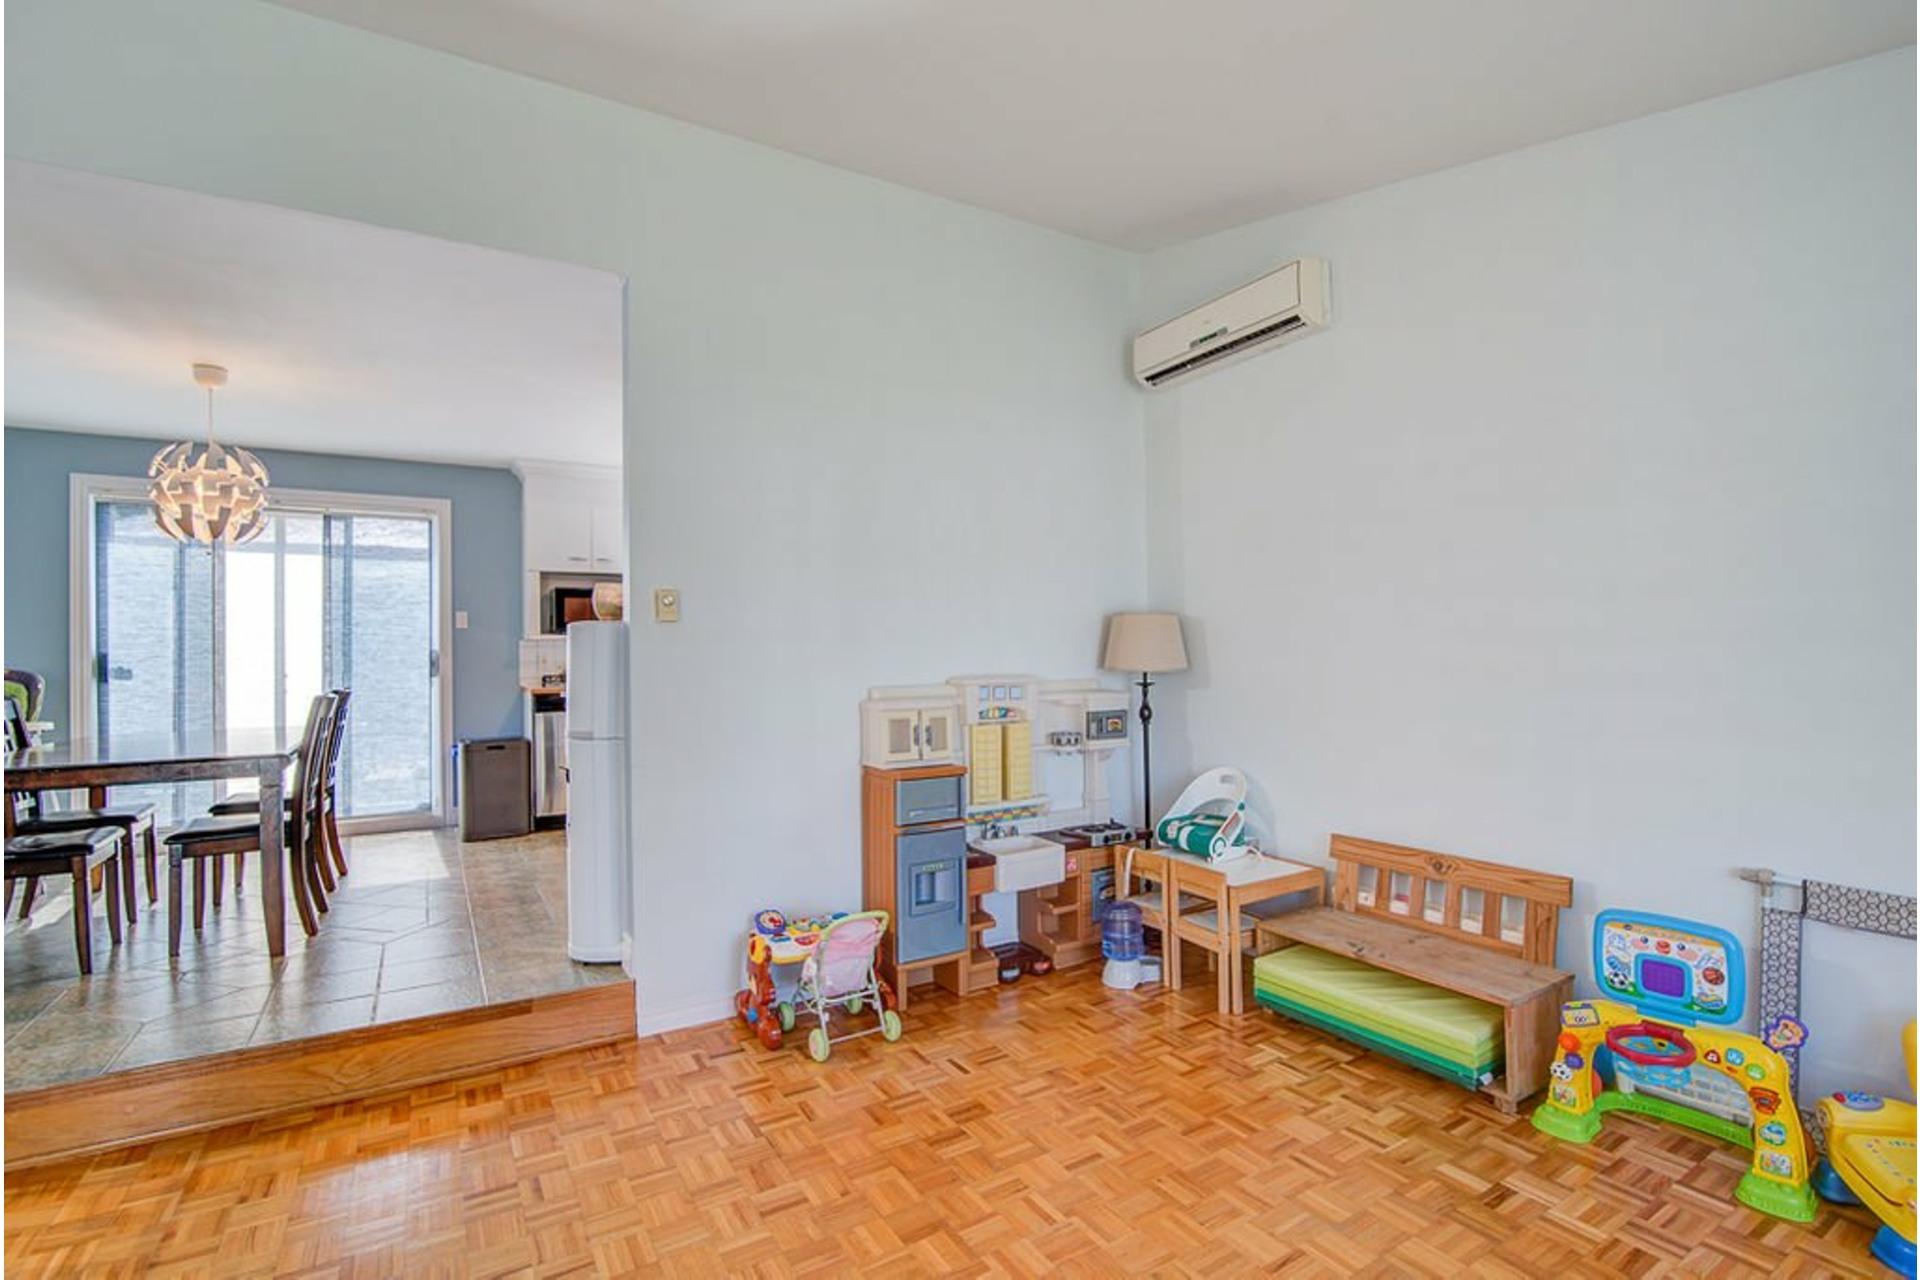 image 4 - Maison À vendre Sainte-Anne-des-Plaines - 12 pièces